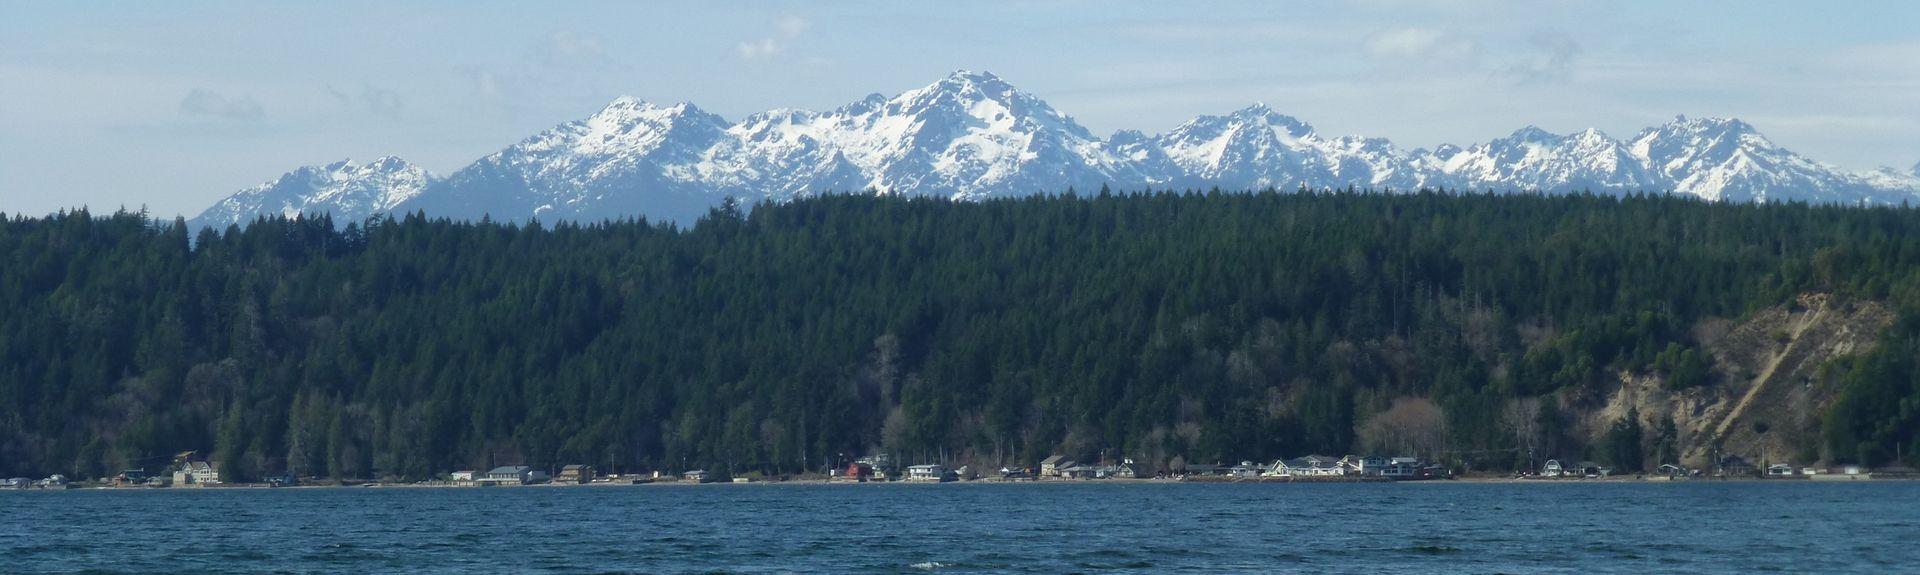 Discovery Village, Gig Harbor, Washington, United States of America